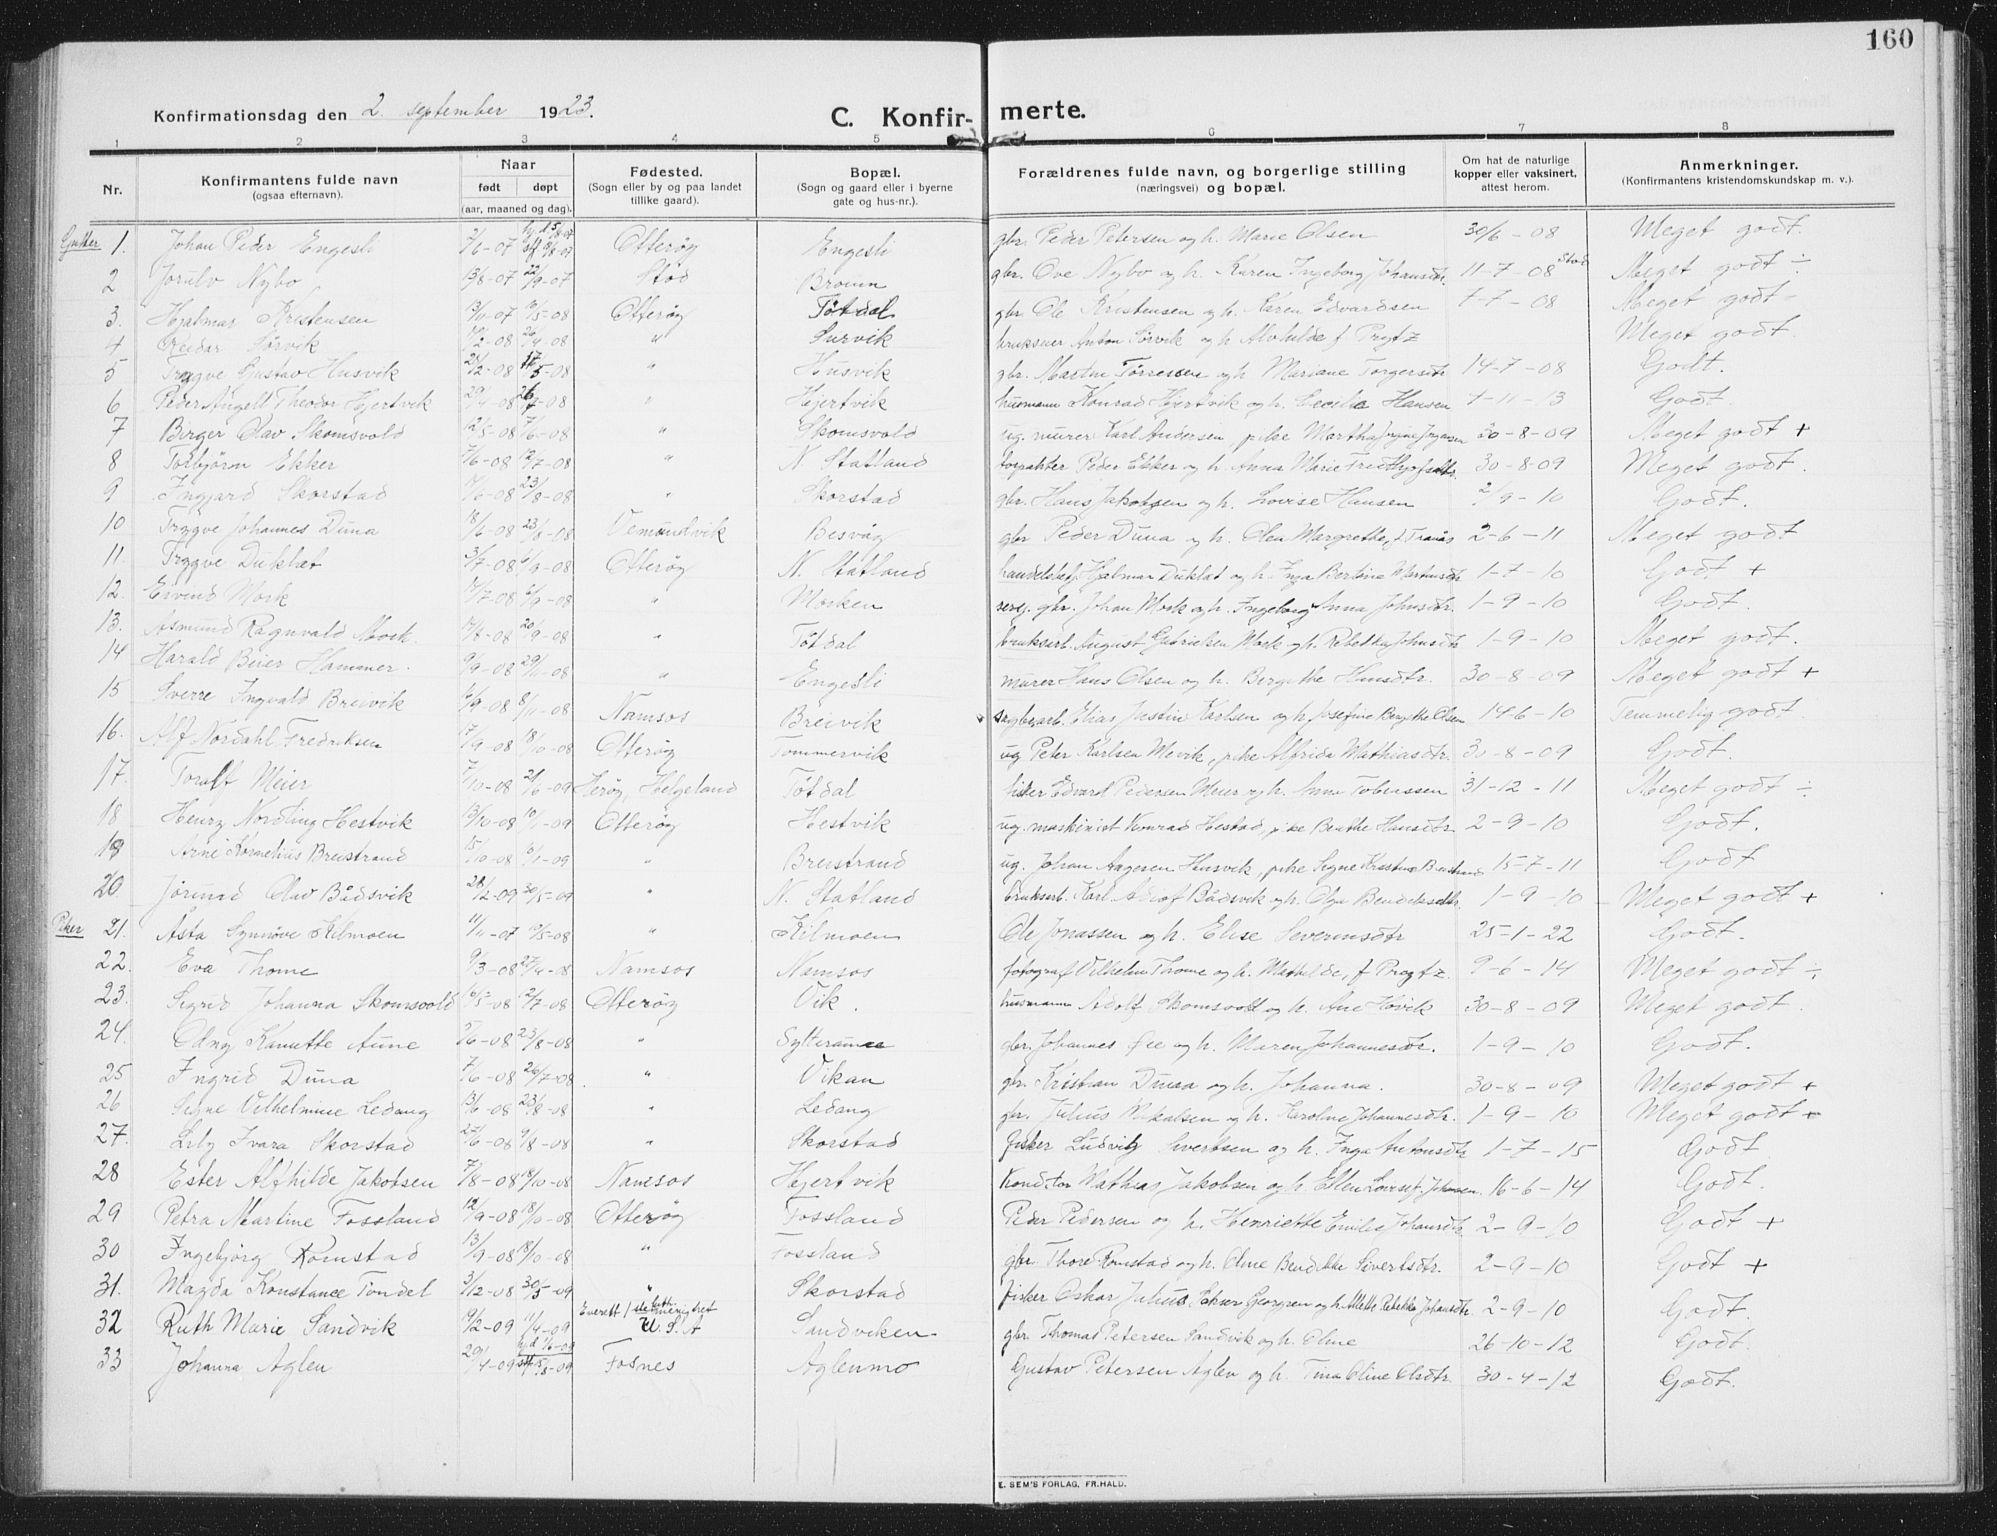 SAT, Ministerialprotokoller, klokkerbøker og fødselsregistre - Nord-Trøndelag, 774/L0630: Klokkerbok nr. 774C01, 1910-1934, s. 160